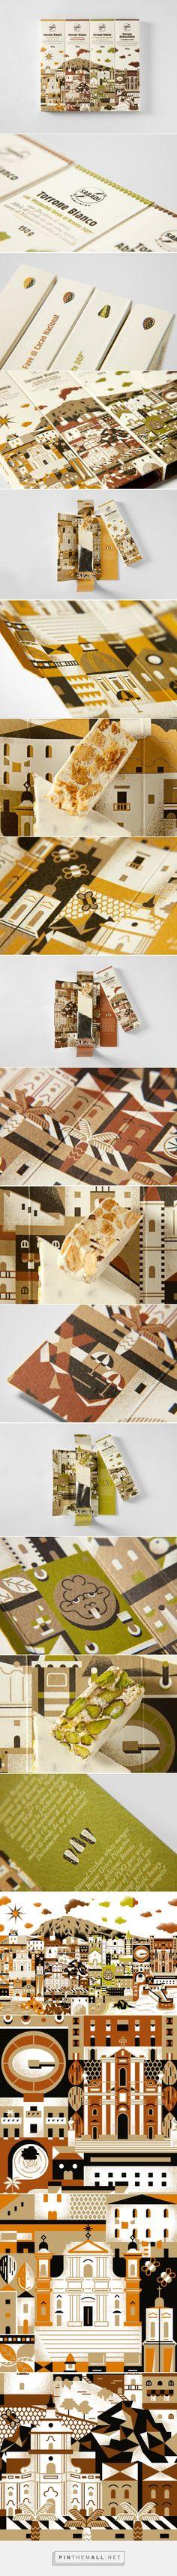 Sabadì - I Torroni #nougat #packaging designed by Happycentro - http://www.packagingoftheworld.com/2015/03/sabadi-i-torroni.html